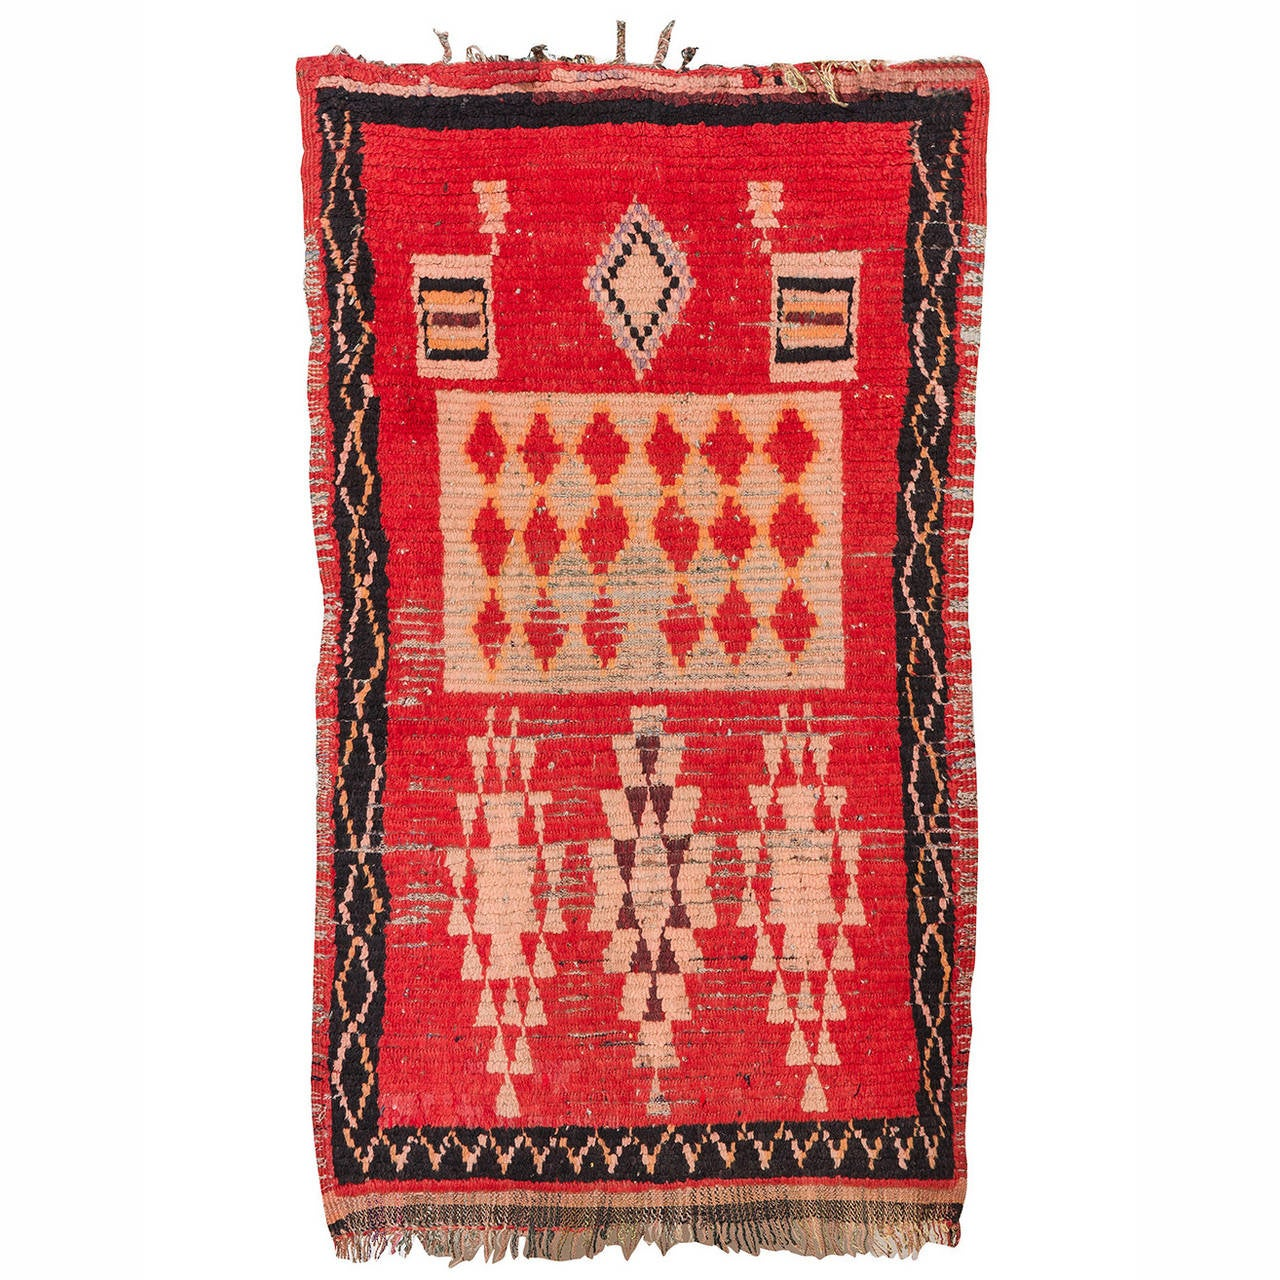 Vintage Ouedzem or Rehamna Rug, Morocco